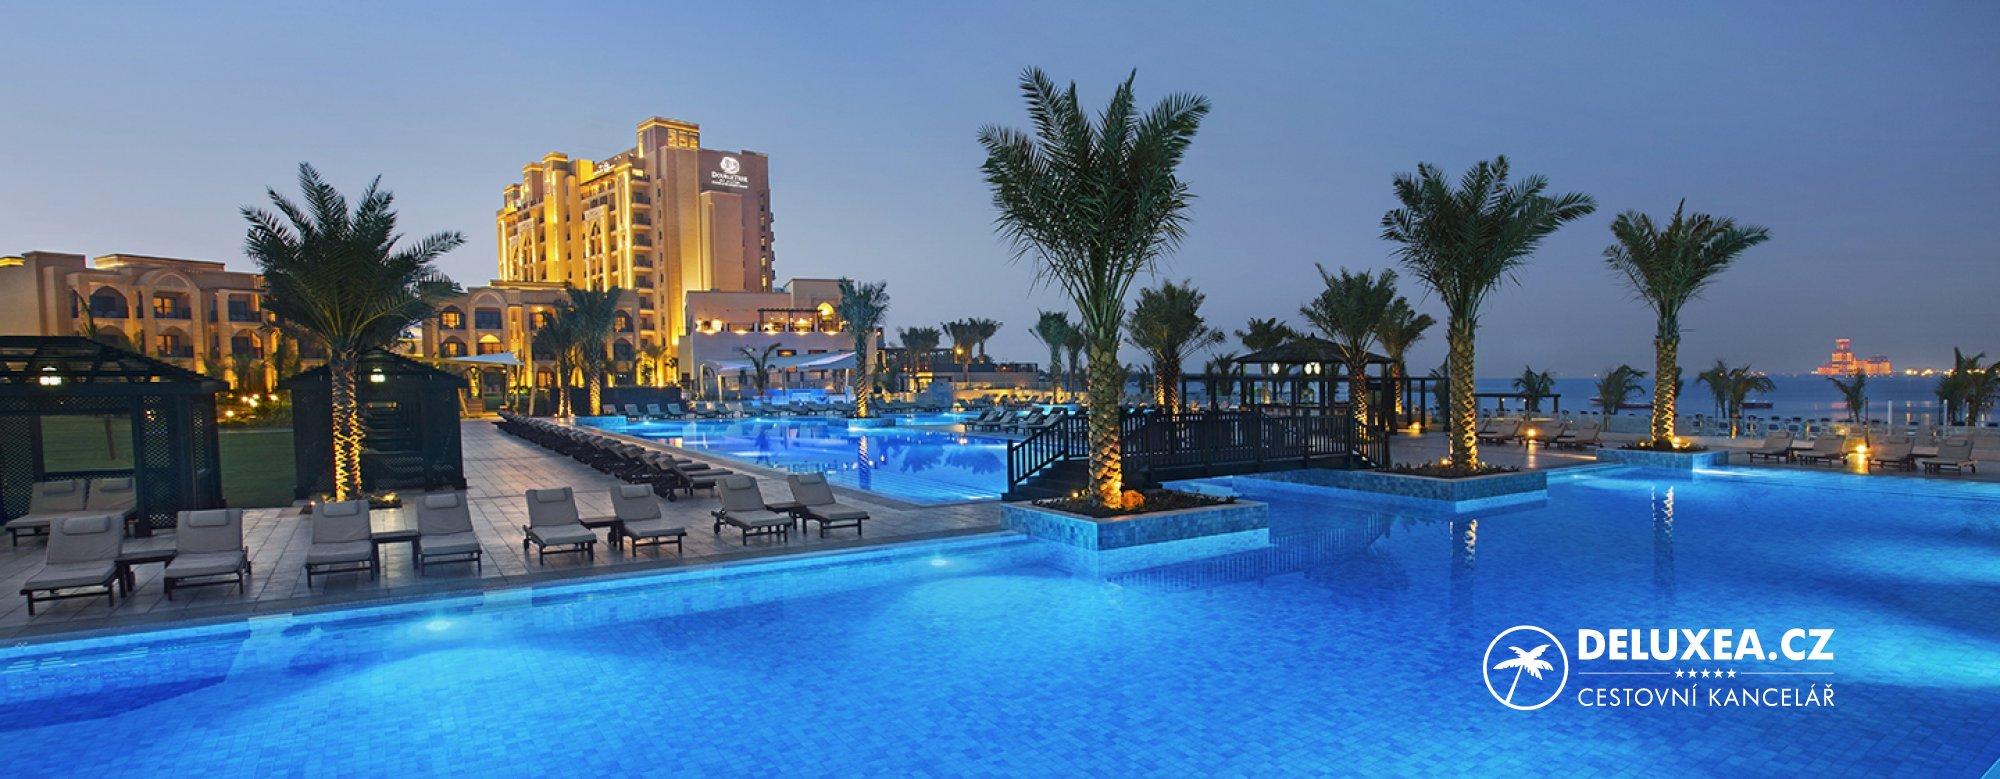 Doubletree By Hilton Resort Spa Marjan Island Hotel Kategorie